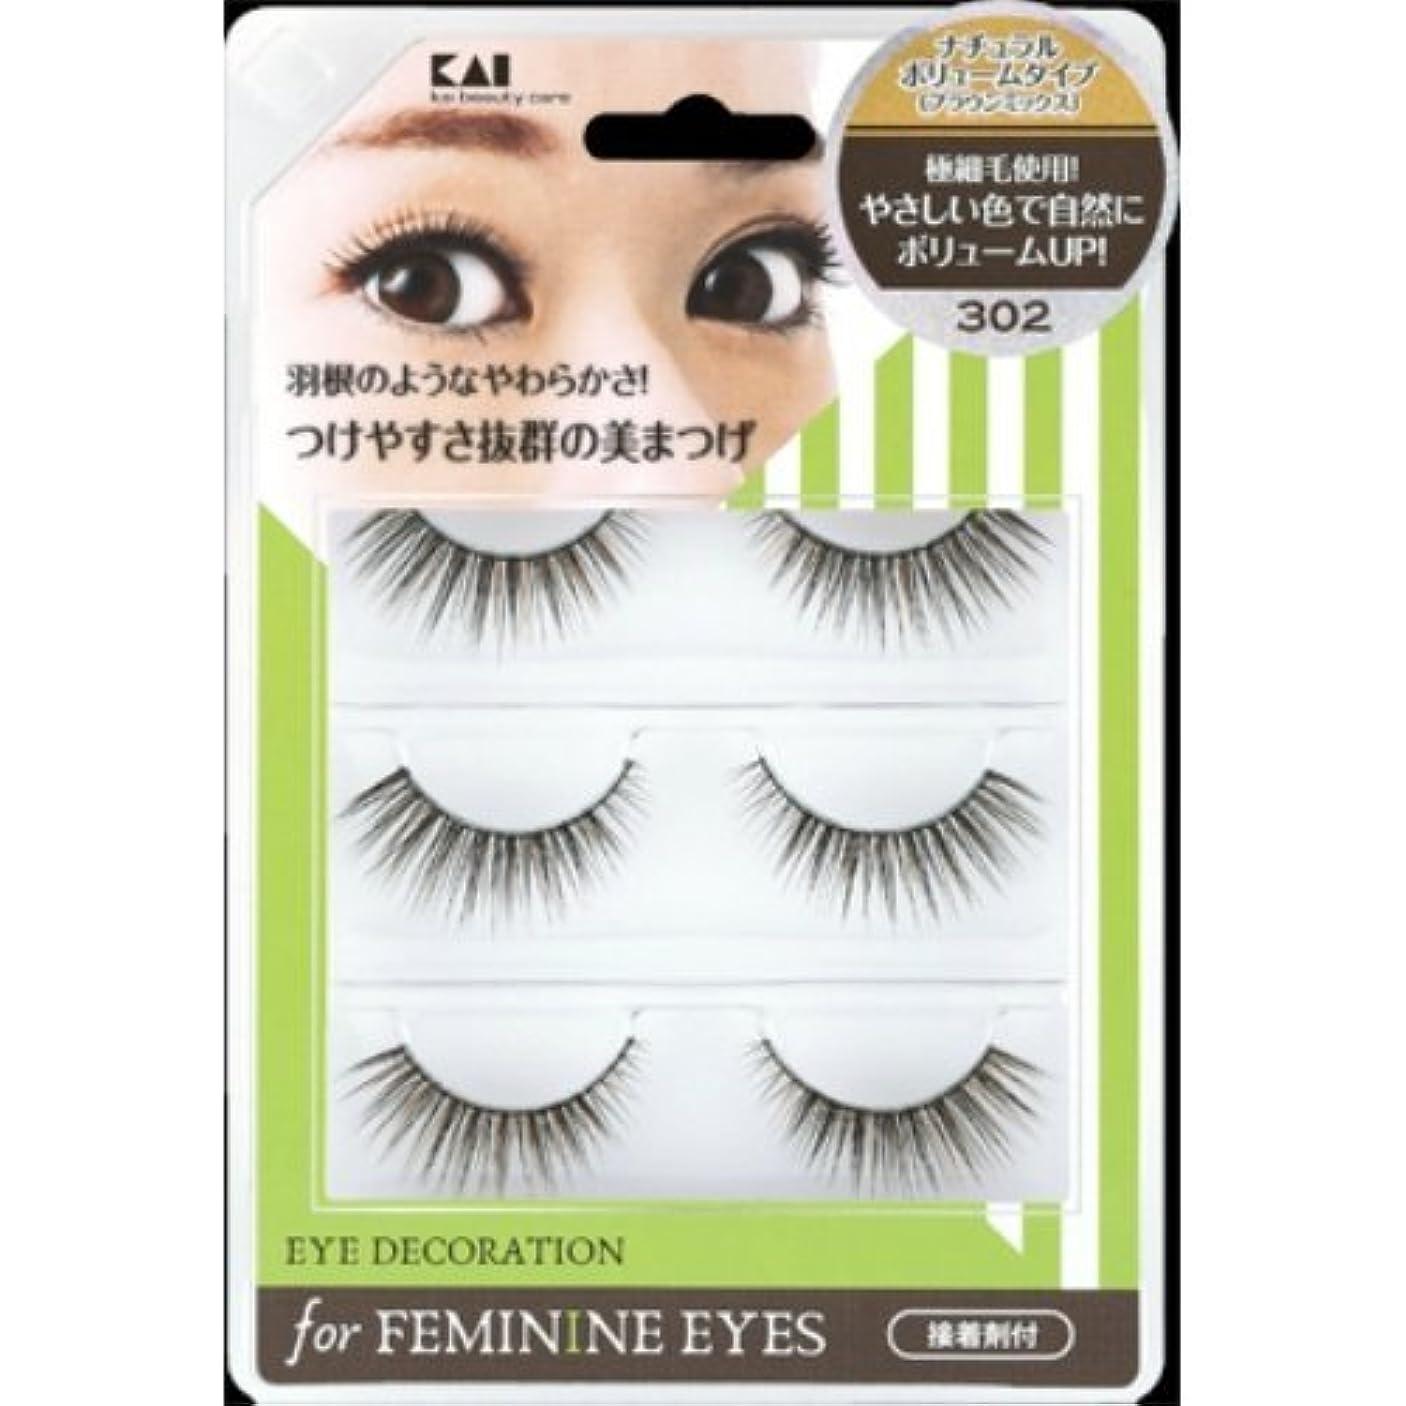 三角形反逆者練習した貝印 アイデコレーション for feminine eyes 302 HC1562